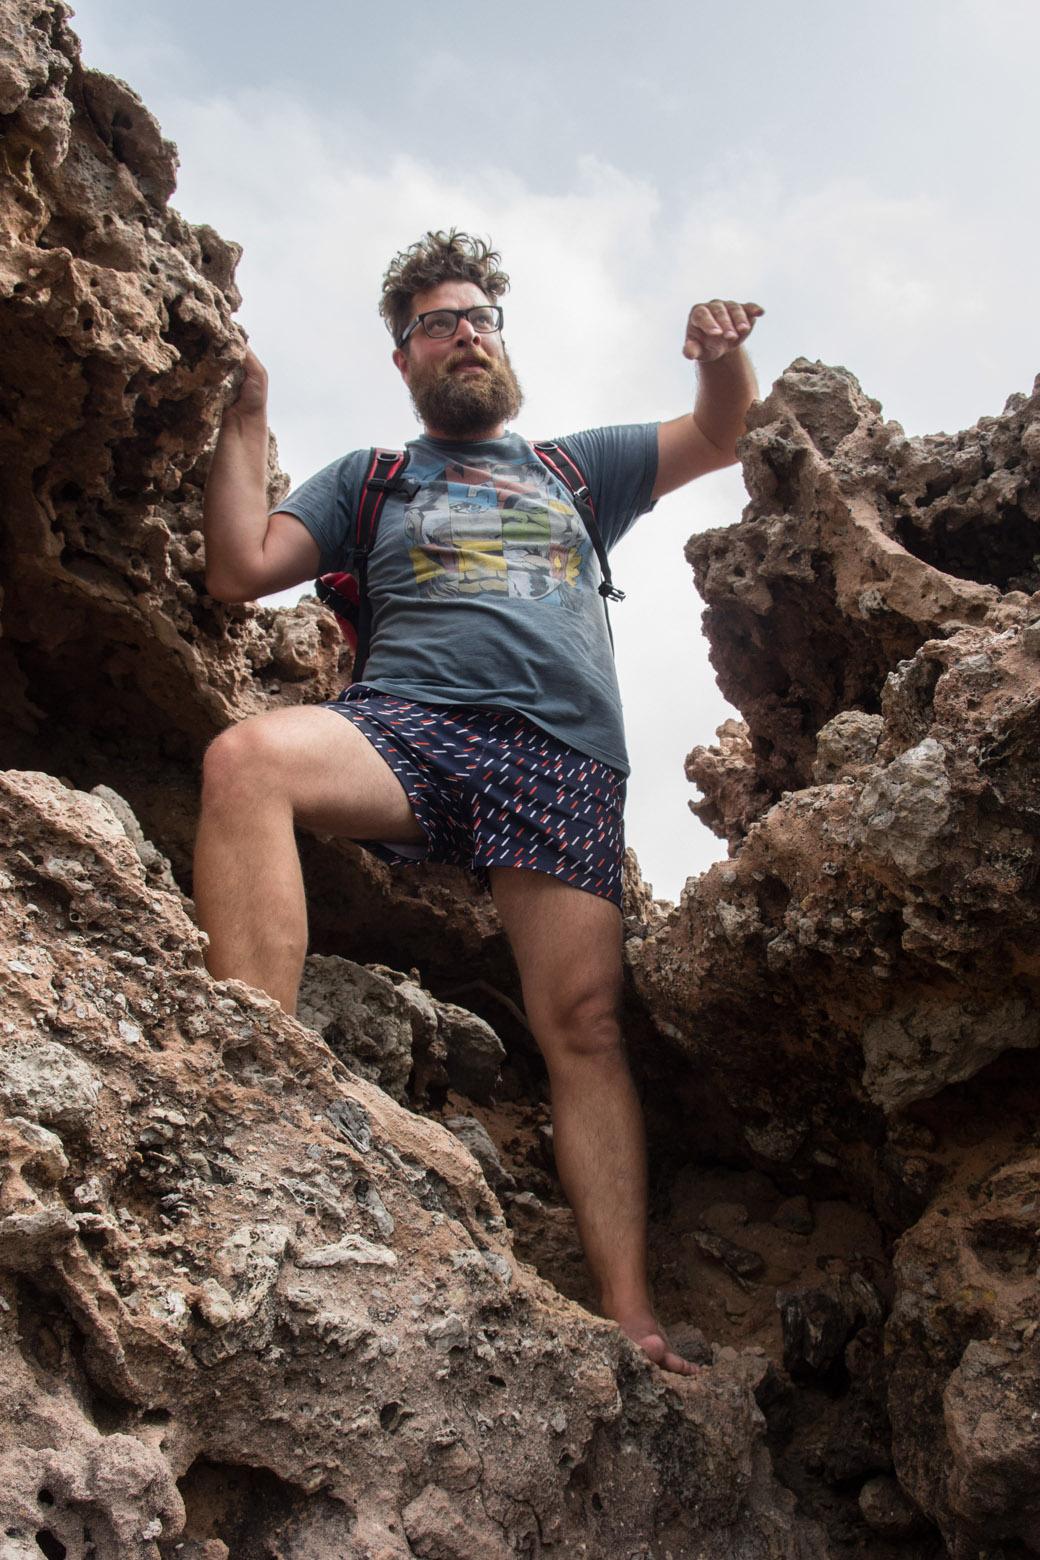 Top ausgestattet für eine Wandertour klettern wir über die scharfkantigen Felsen... Matthias ist gut vorbereitet, er hat sich Hornhaut an den Fußsohlen wachsen lassen.